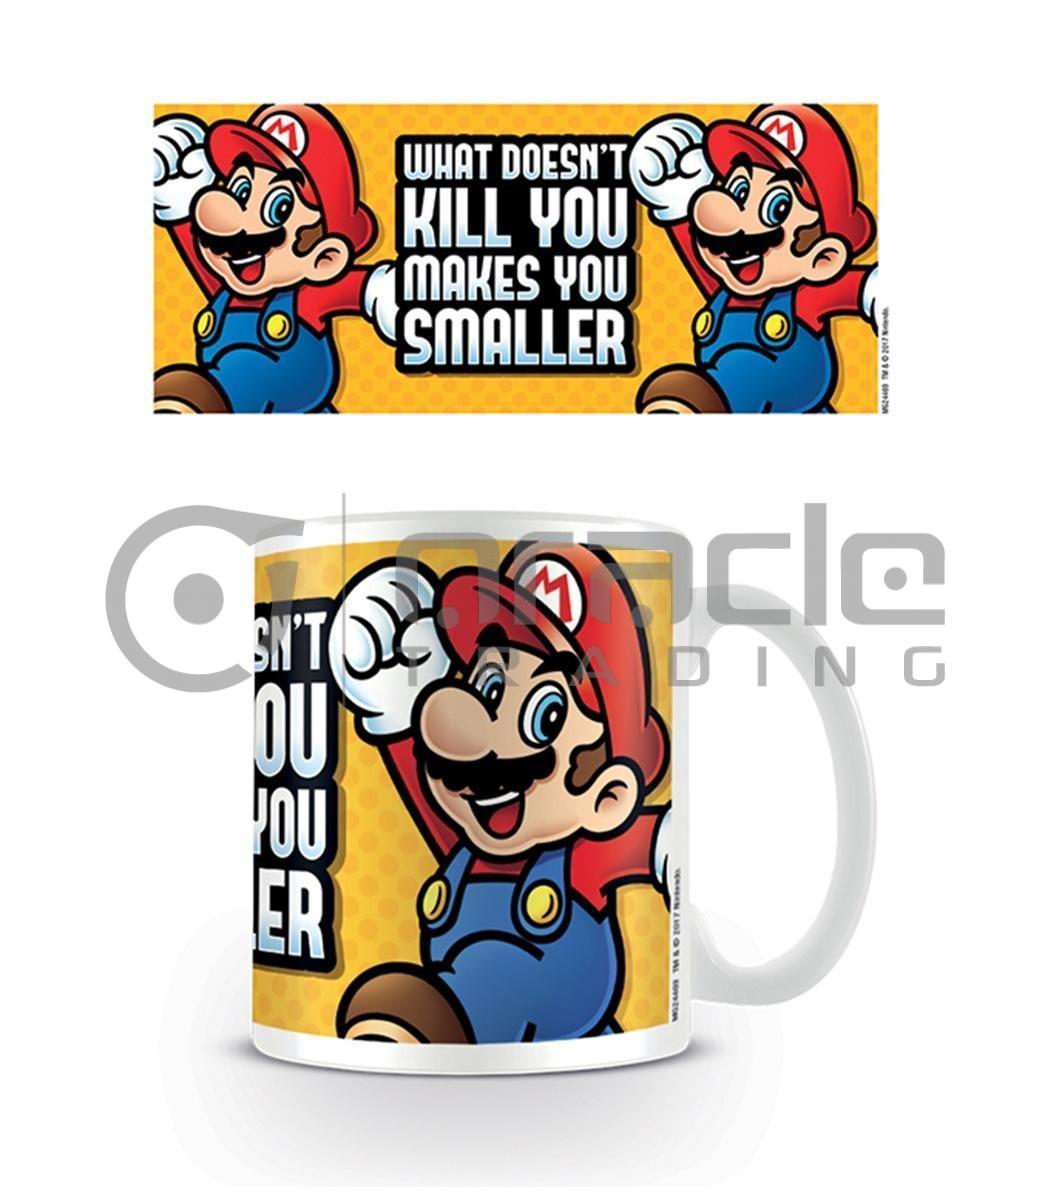 Super Mario Mug (Makes You Smaller)